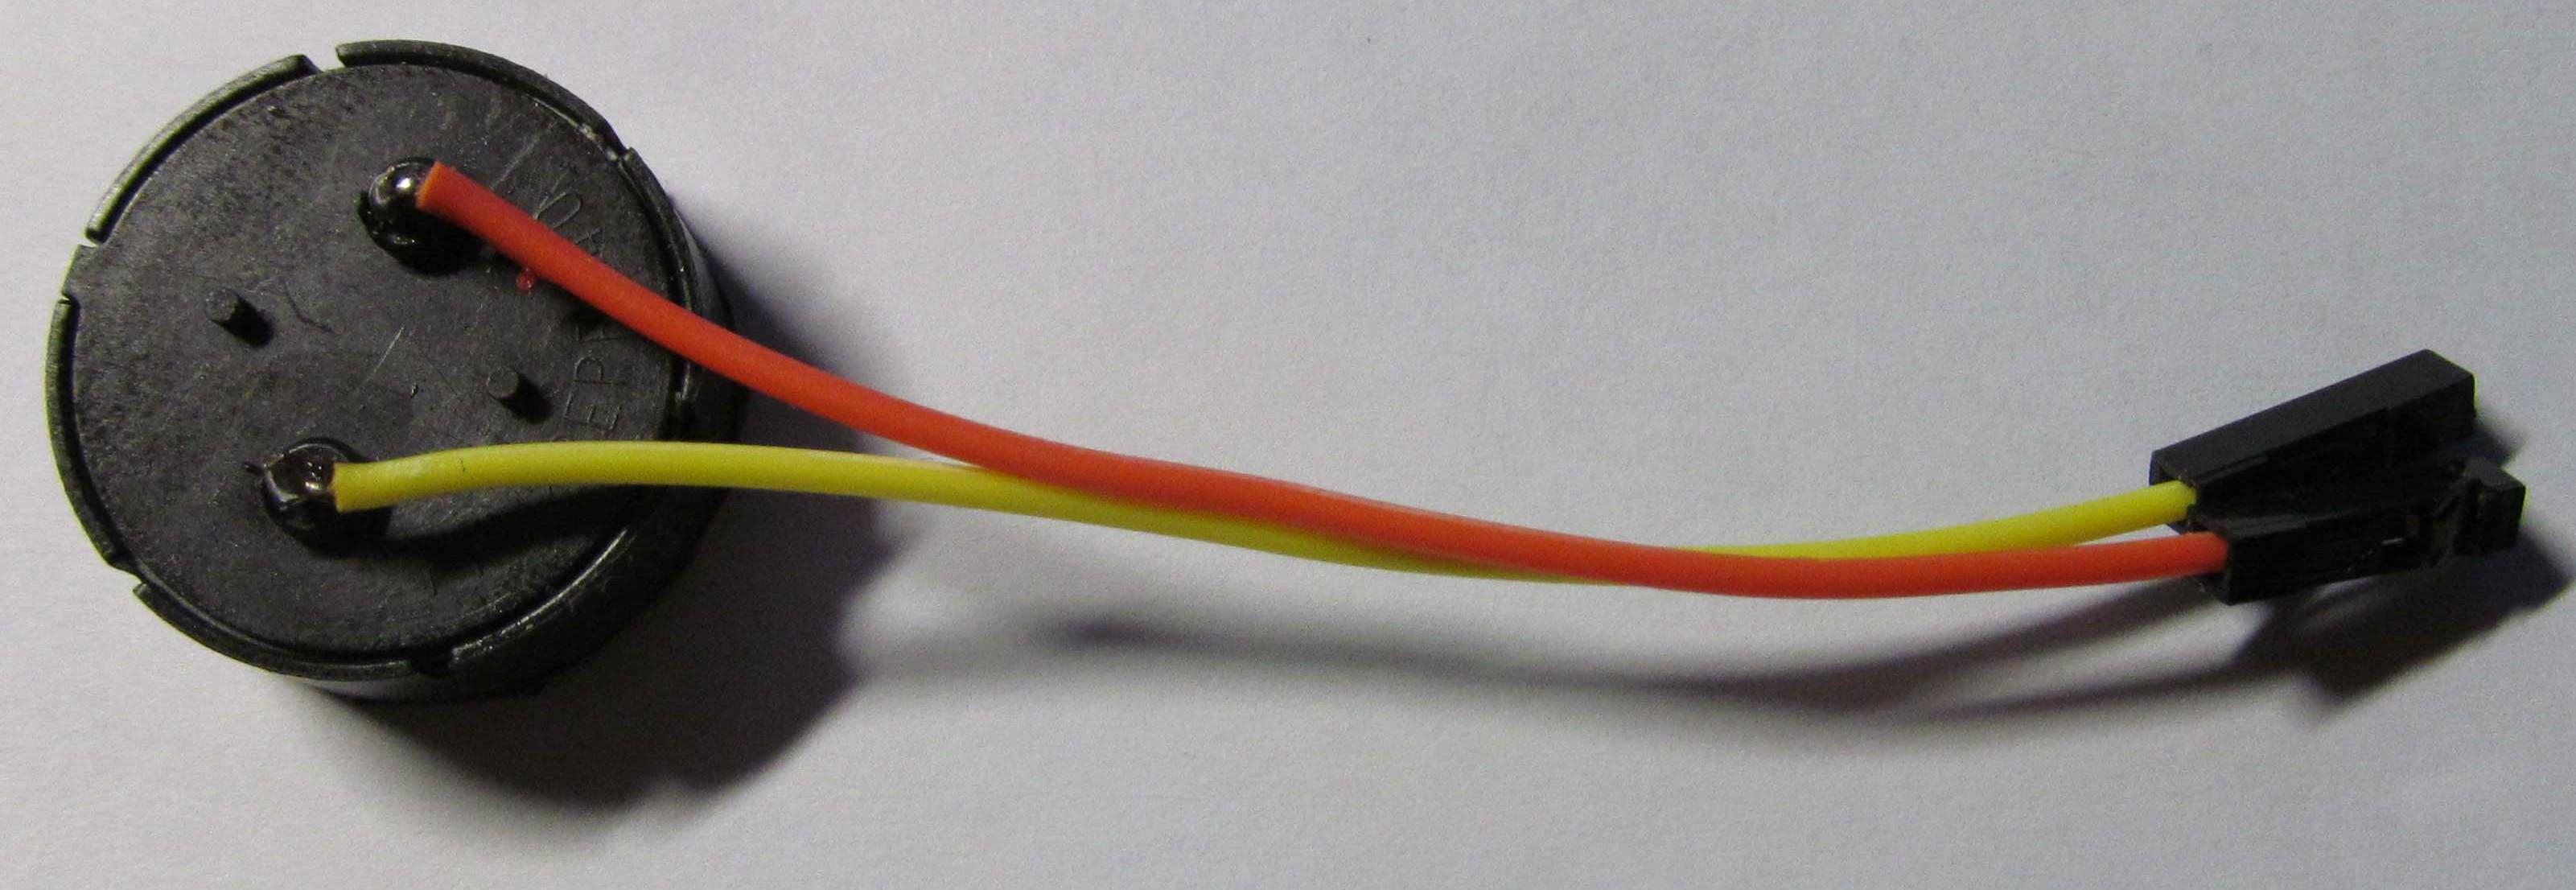 Пьезоэлектрическая пассивная пищалка (Buzzer)